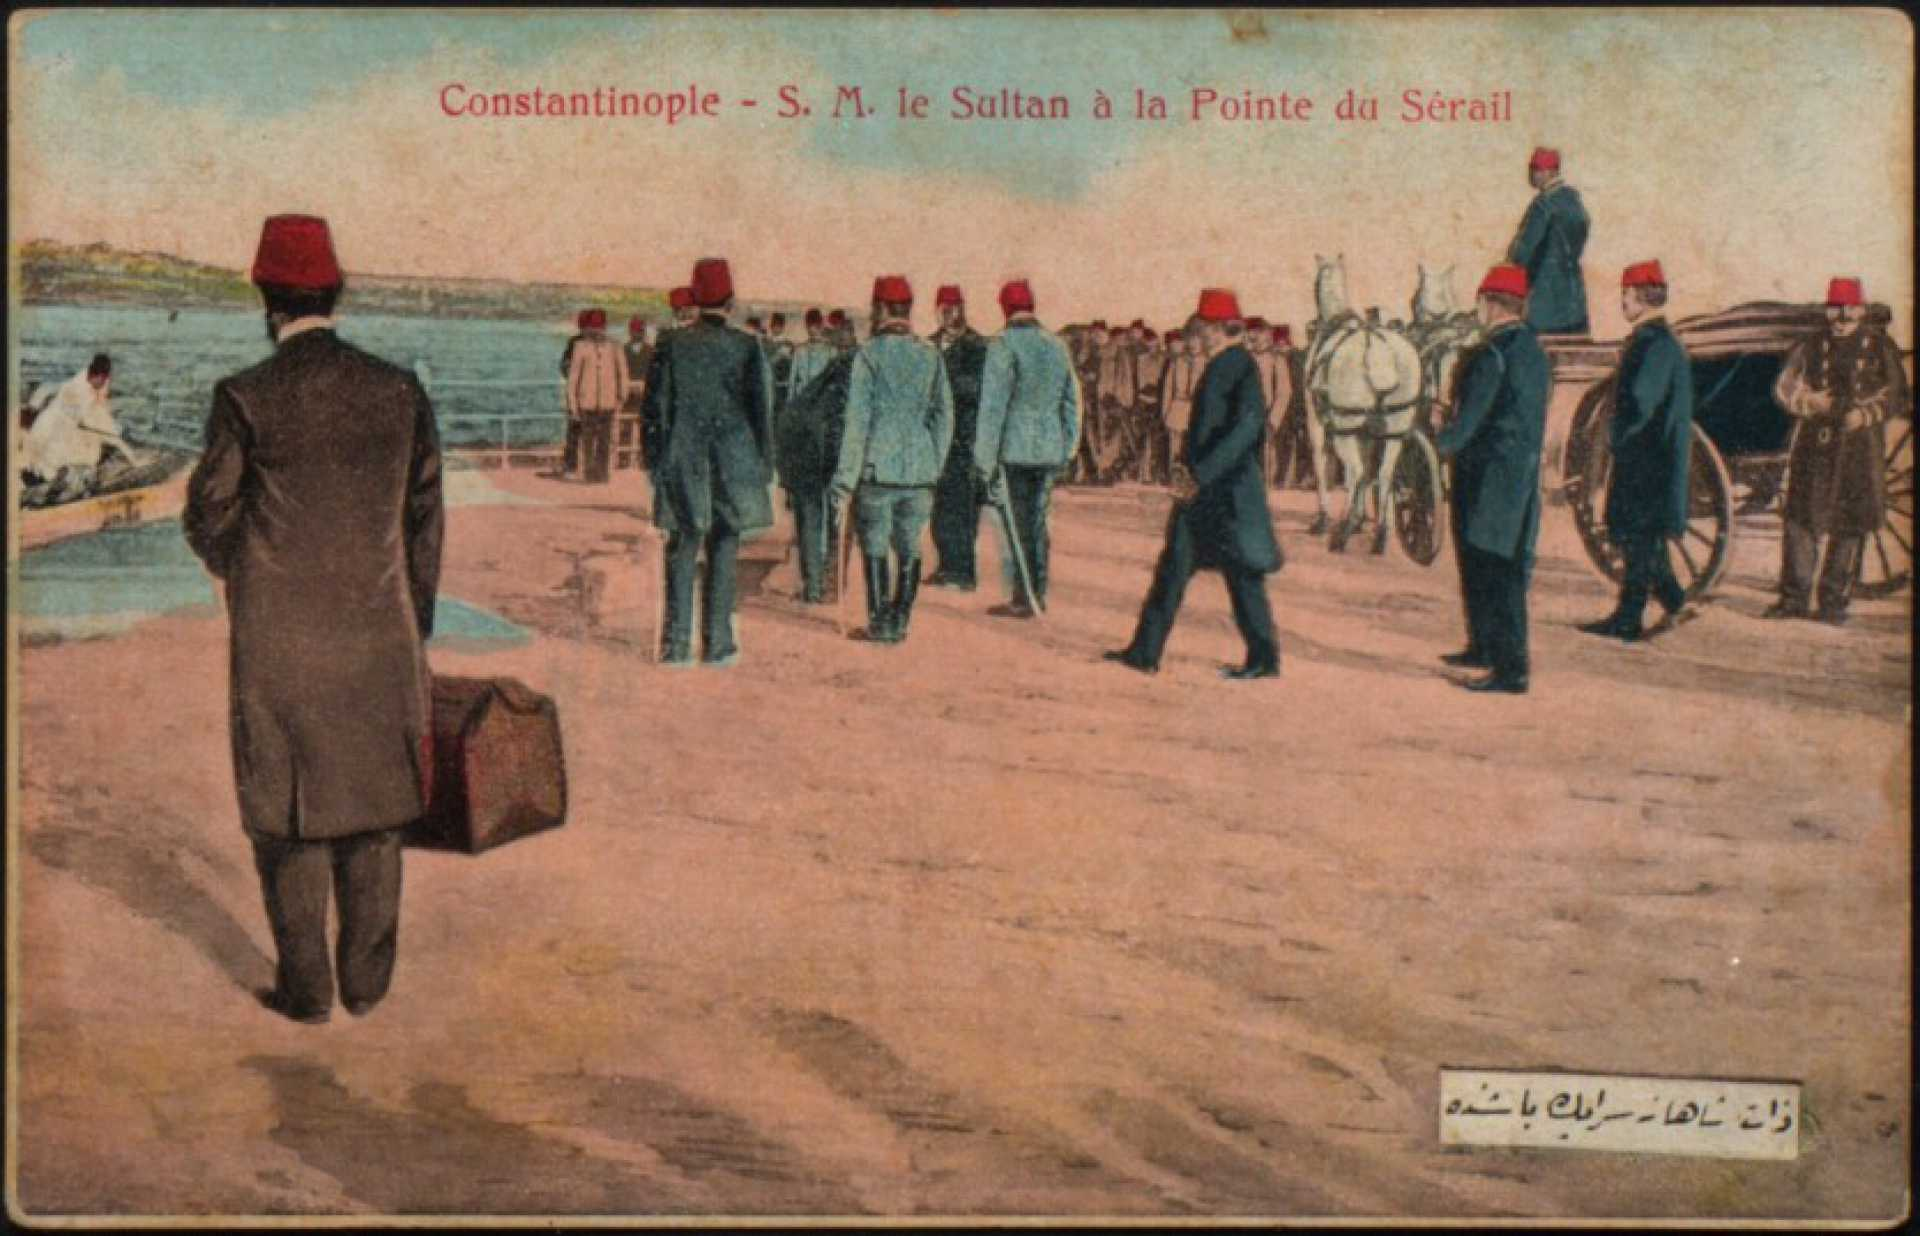 S.M. le Sultan a la Pointe da Serail